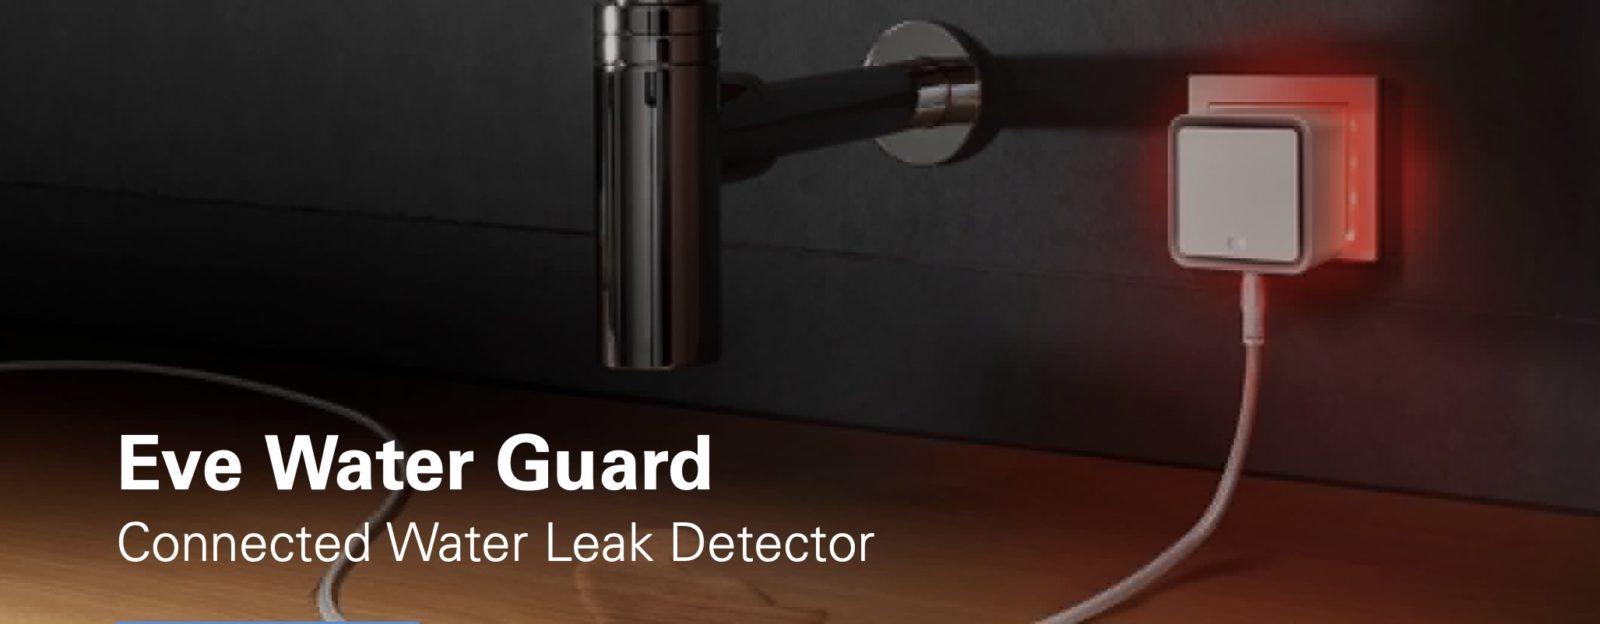 Eve Cam Homekit e Eve Water Gard: sicurezza e privacy assoluta per gli utenti Apple